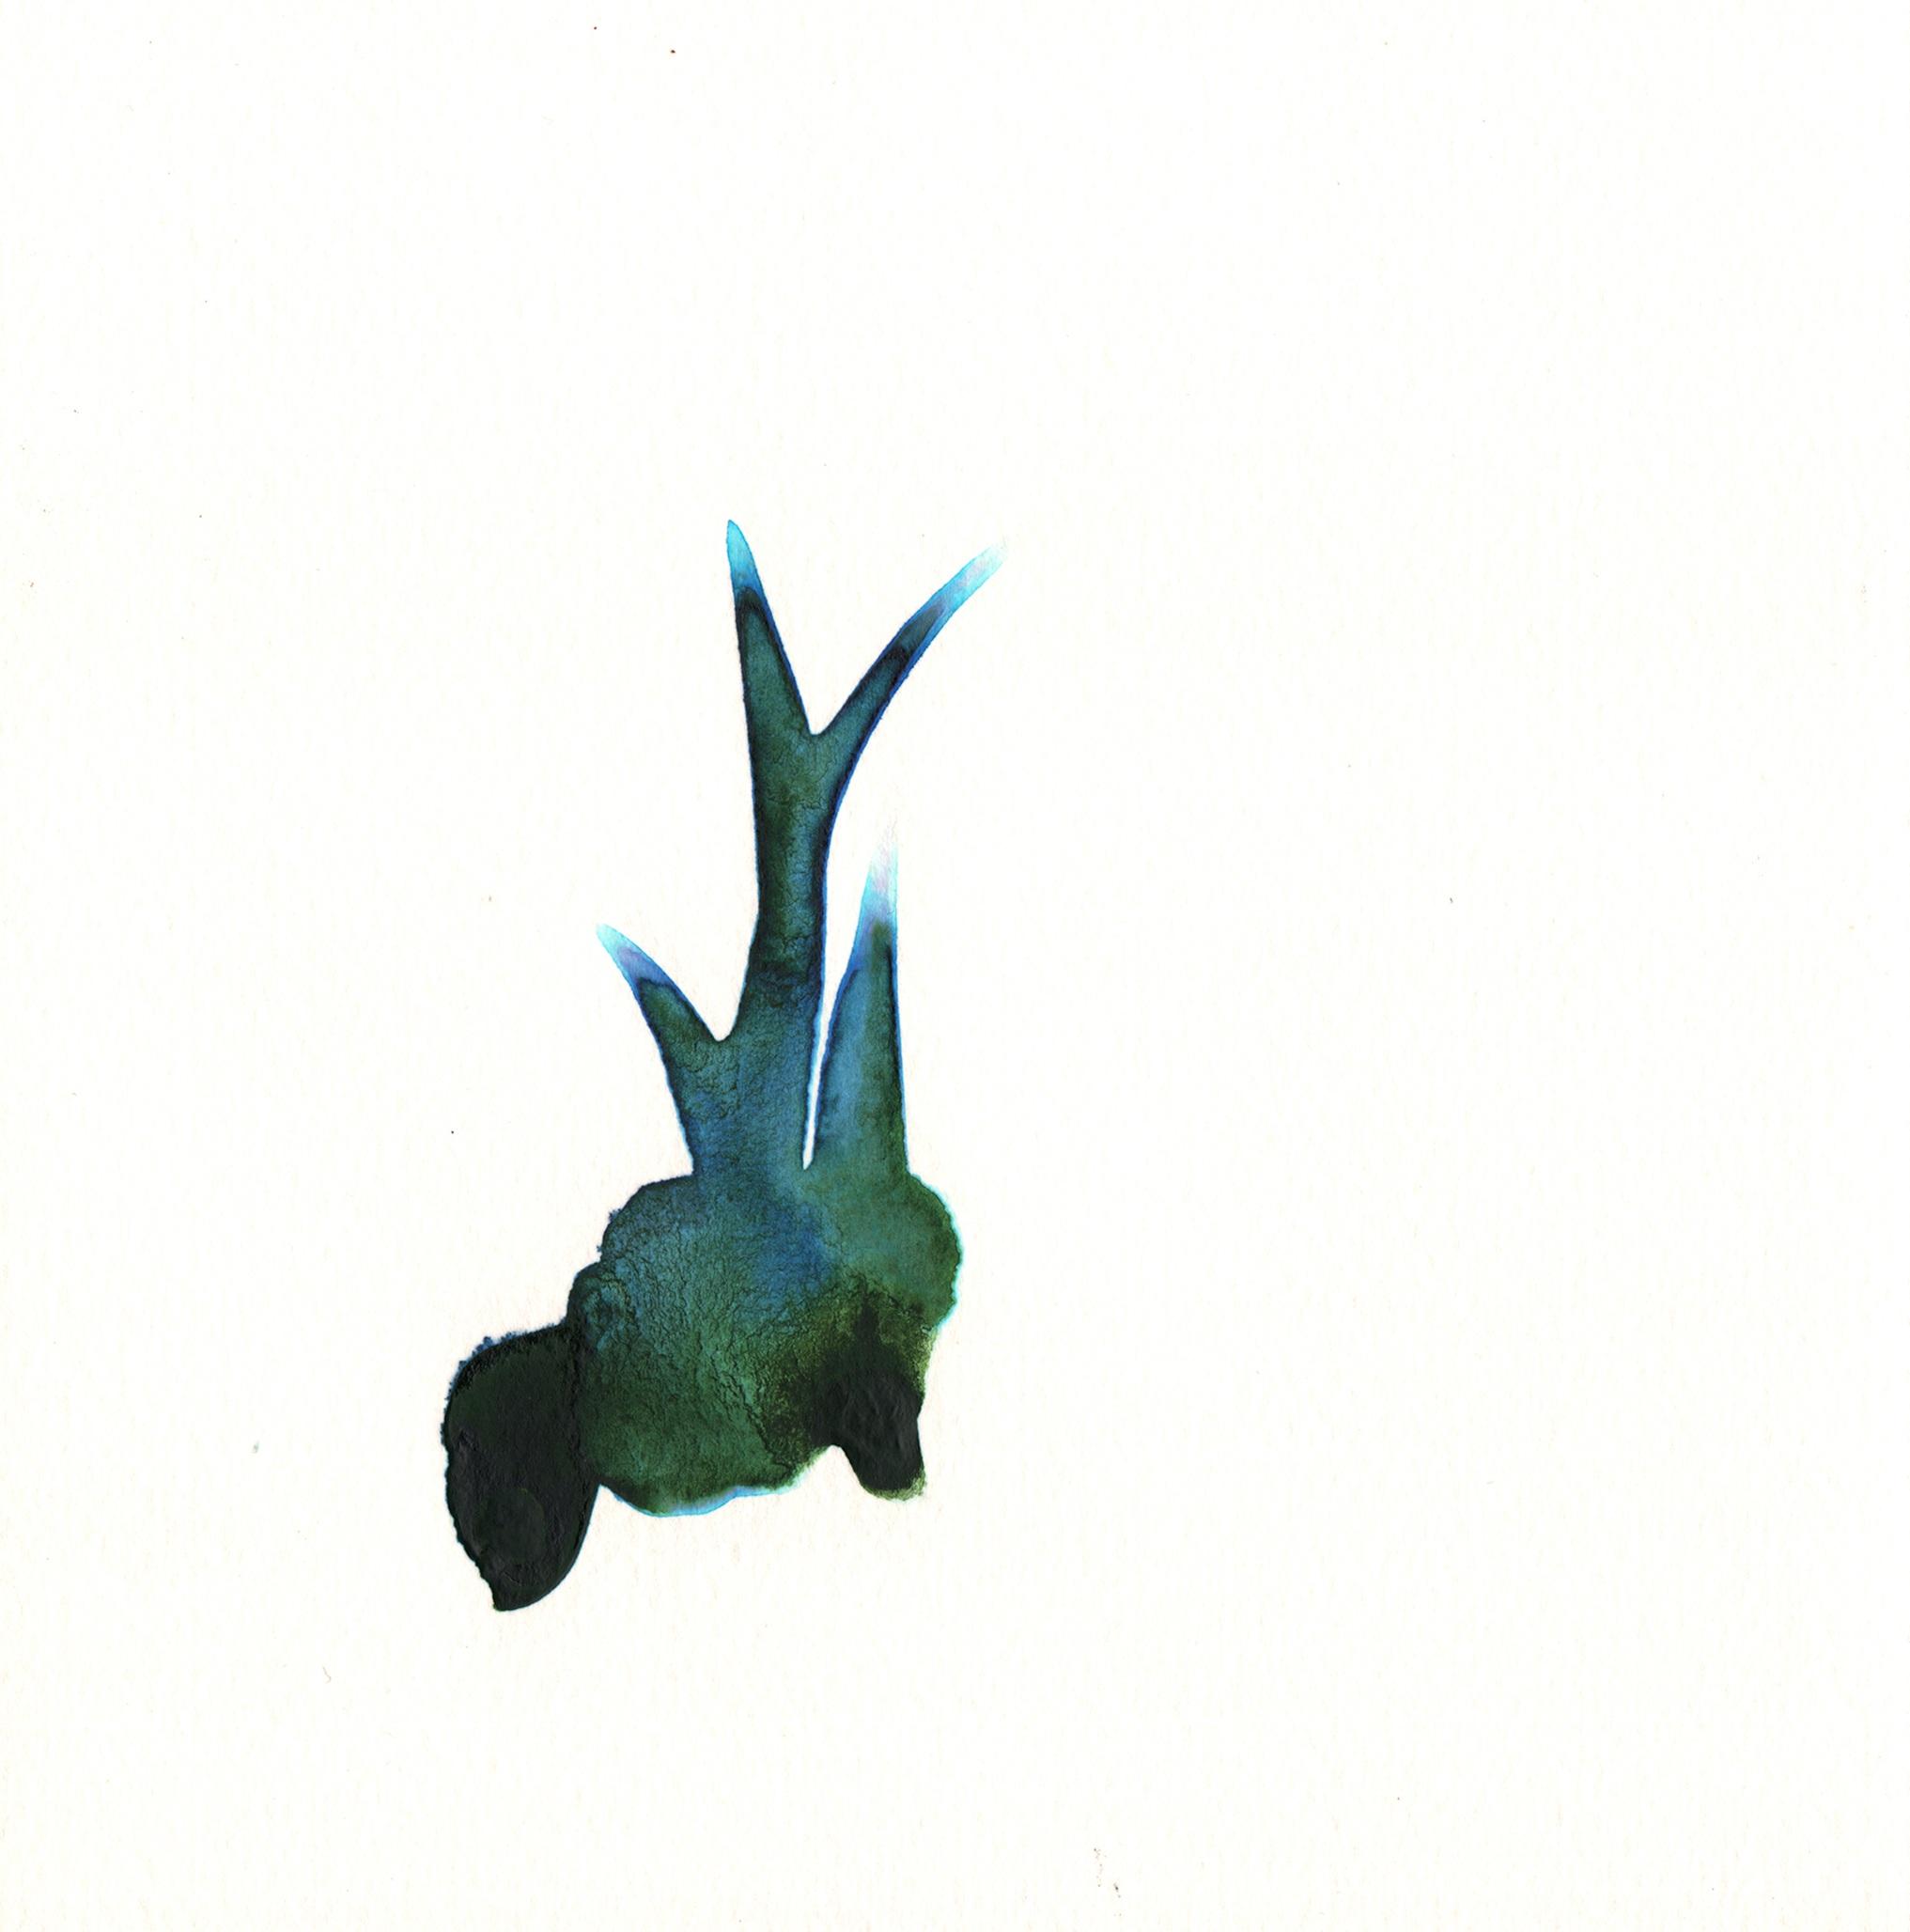 242.Aloe.Bud.10.8.14.jpg